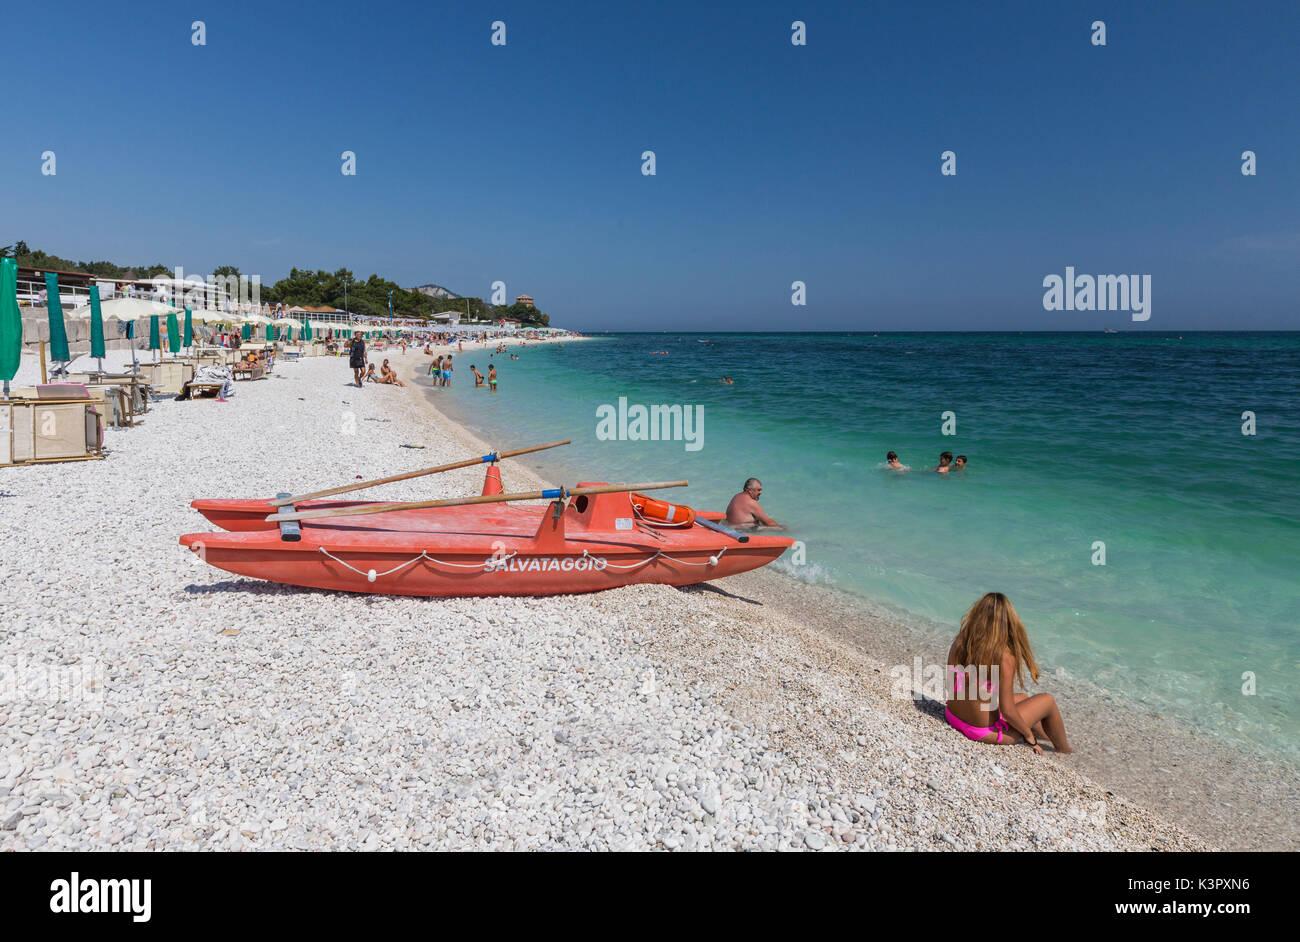 Los turistas en la playa enmarcada por el mar turquesa provincia de ...